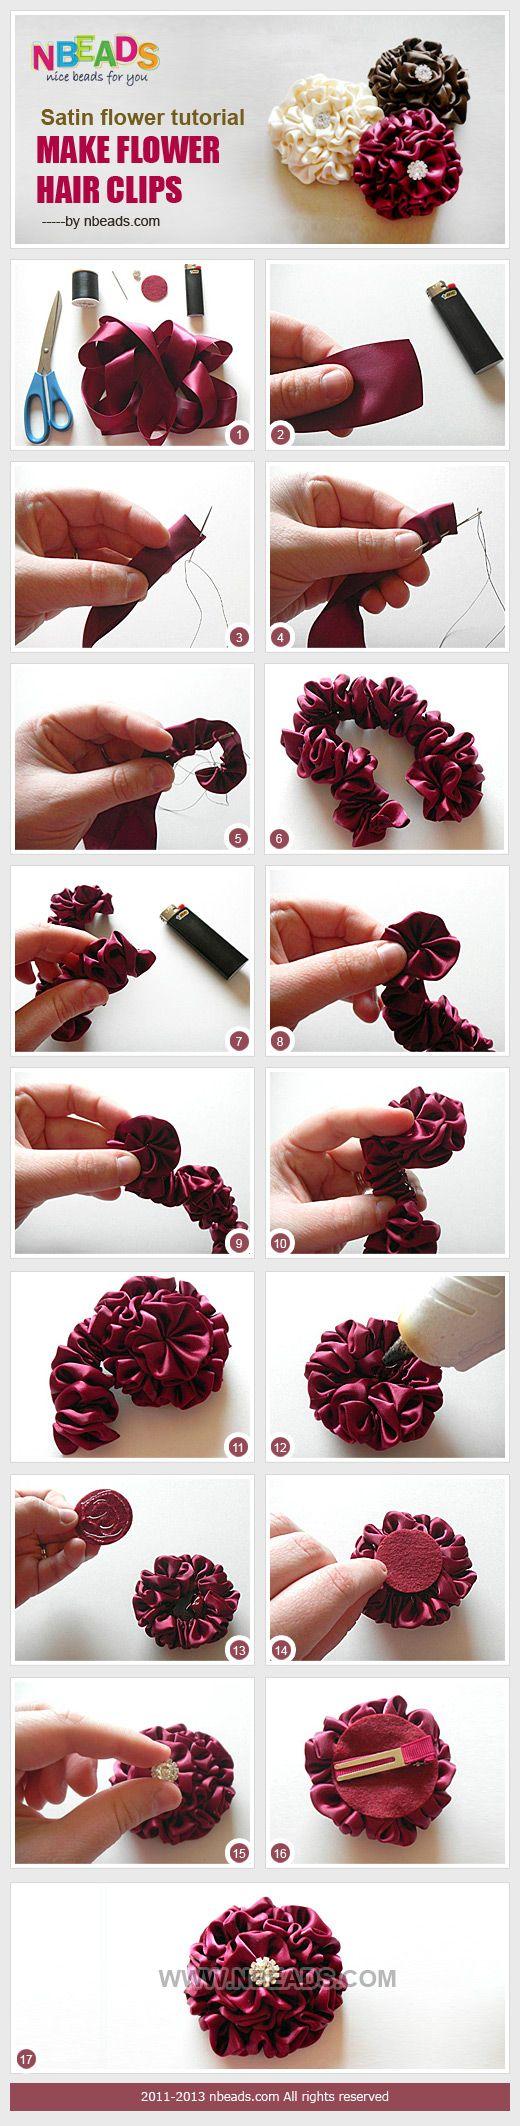 satin flower tutorial - make flower hair clips